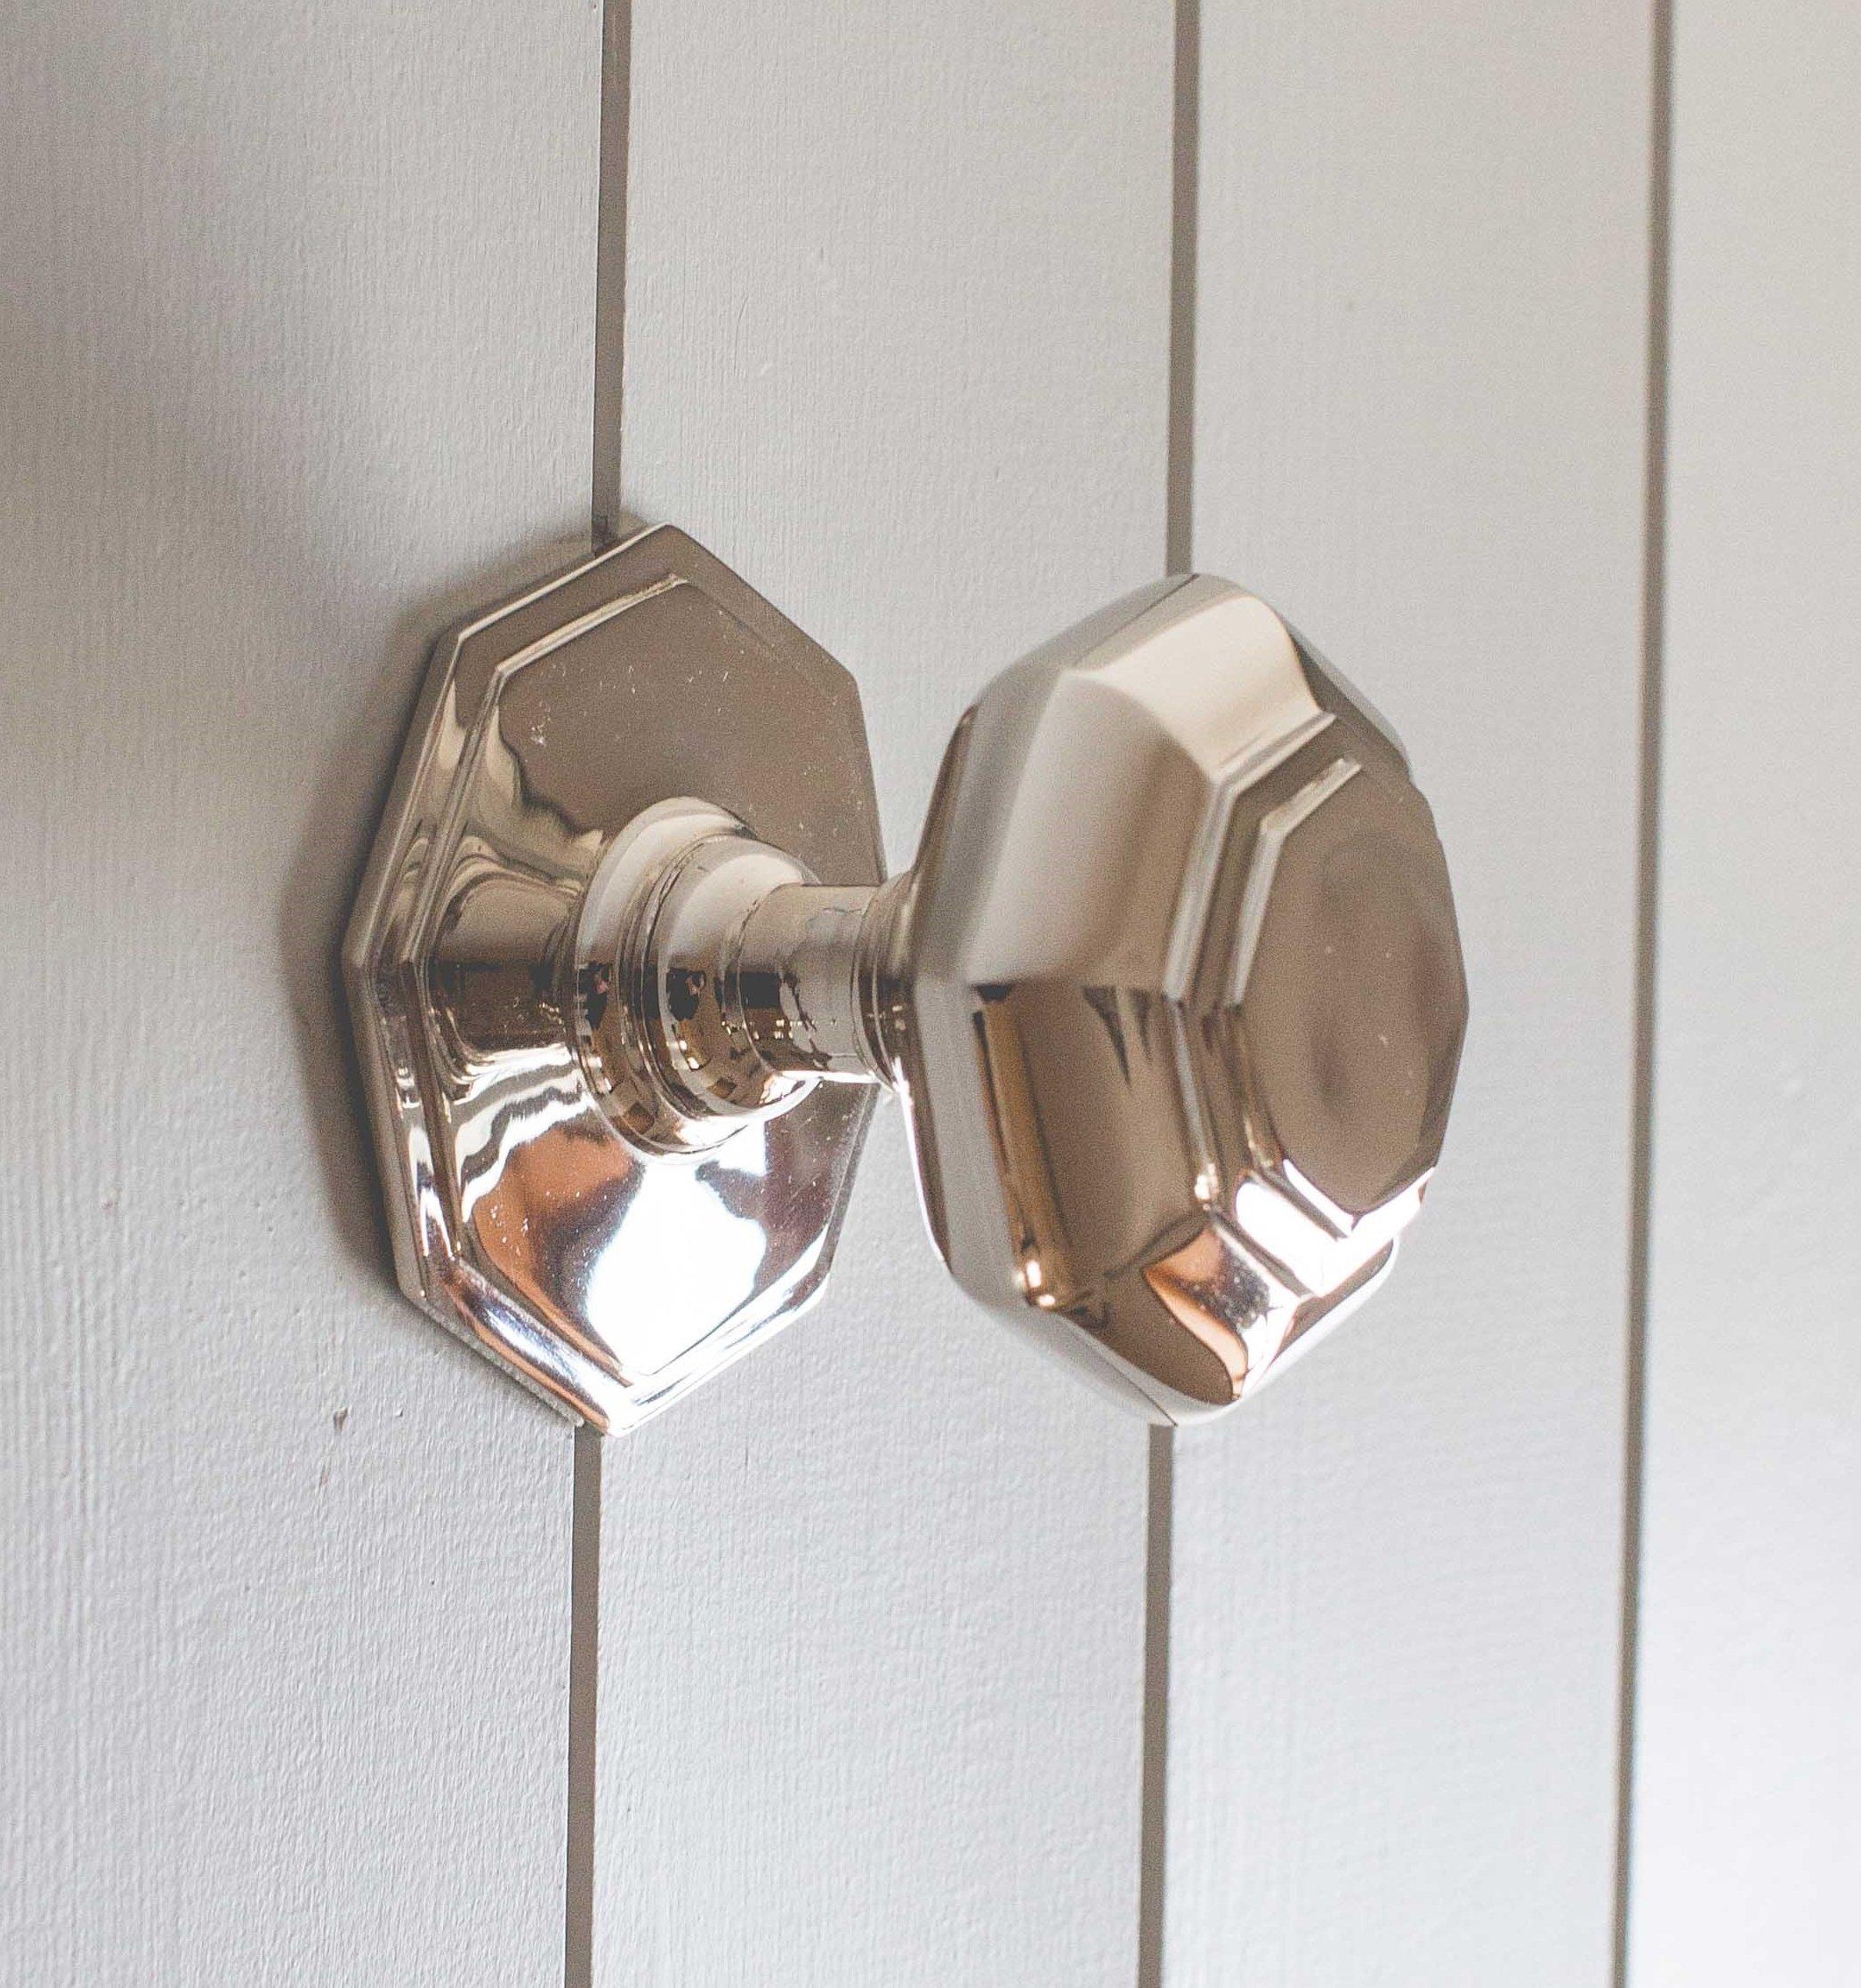 Octagonal Door Pull - Nickel